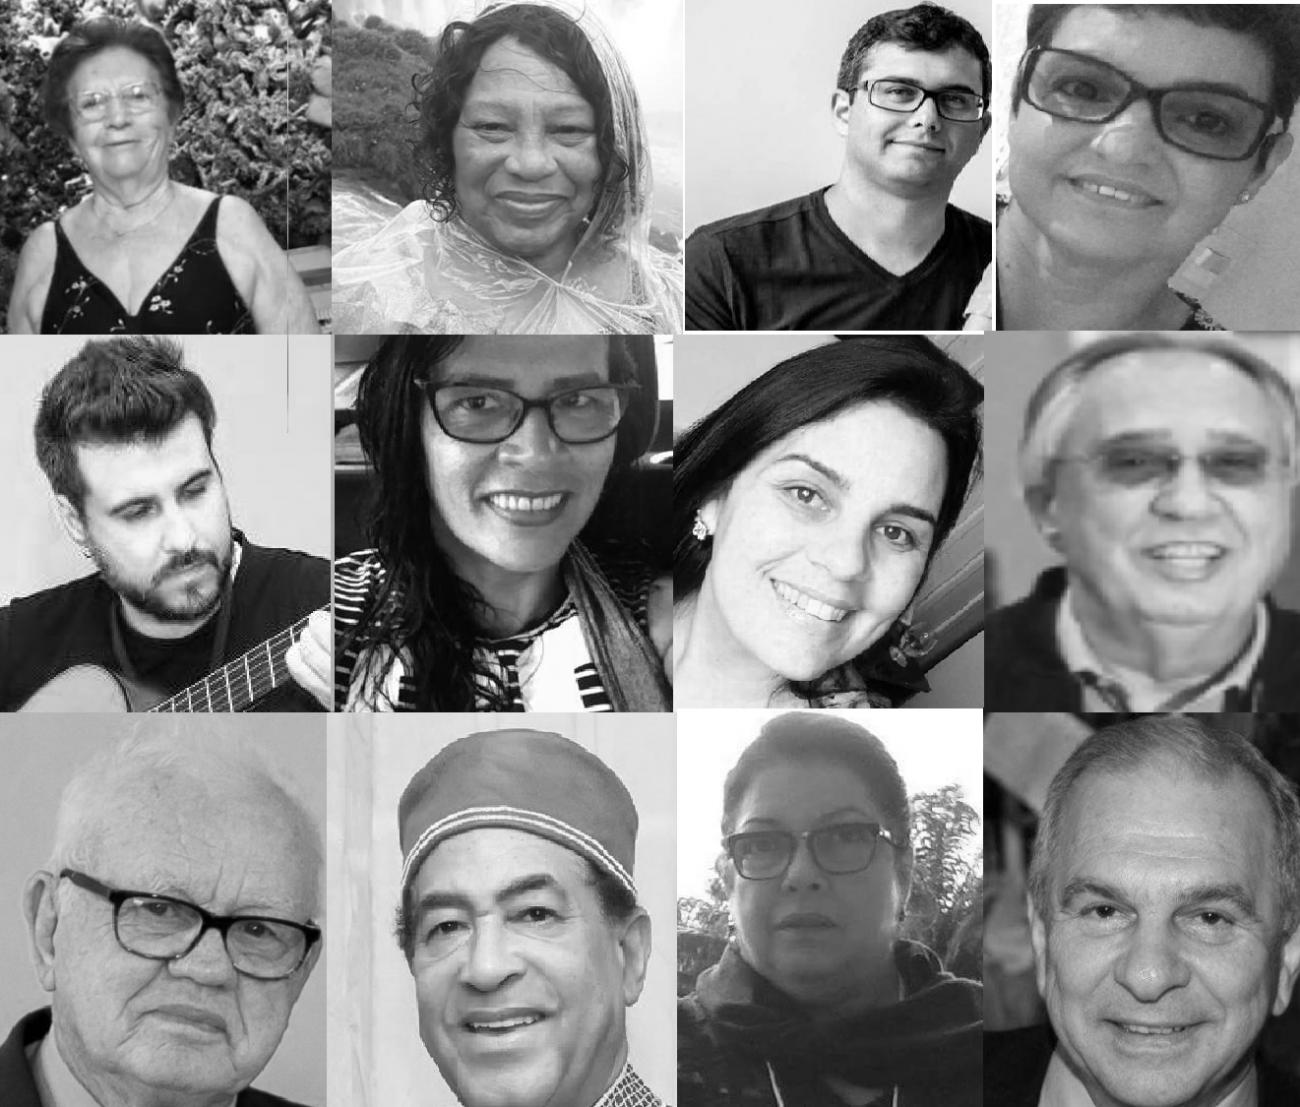 Até esta segunda-feira (13), Santa Catarina registrou 26 mortes por coronavírus em todo o Estado. Confira abaixo os catarinenses que perderam a vida na luta contra a Covid-19 - Montagem/ND